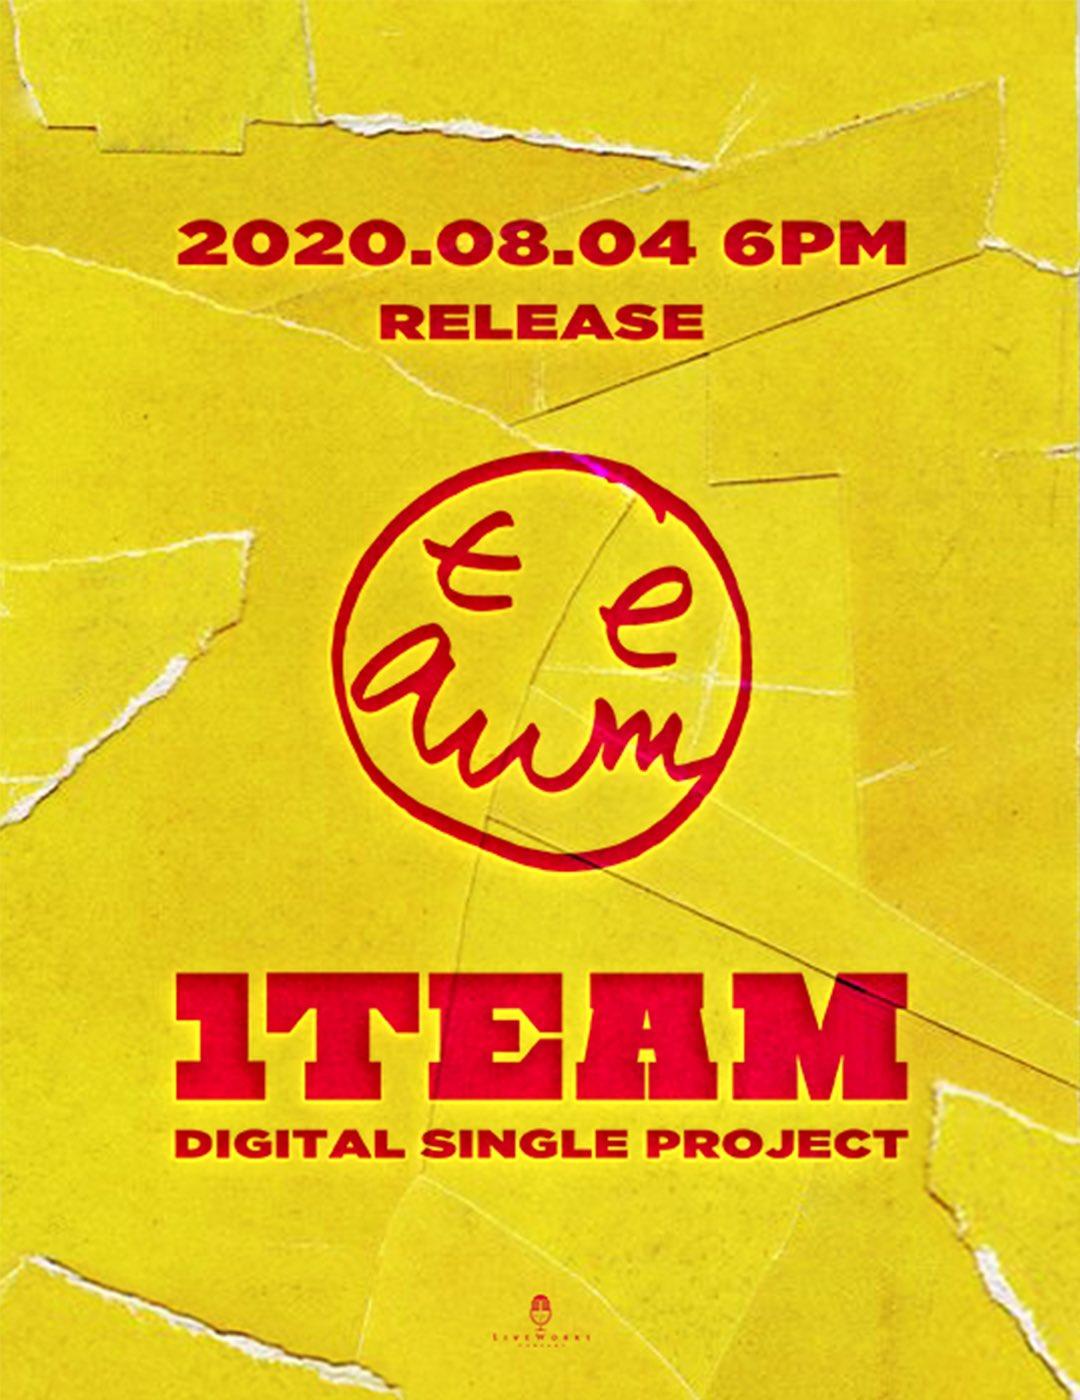 4일(화), 1TEAM(원팀) 디지털 싱글 '얼레리 꼴레리' 발매 | 인스티즈